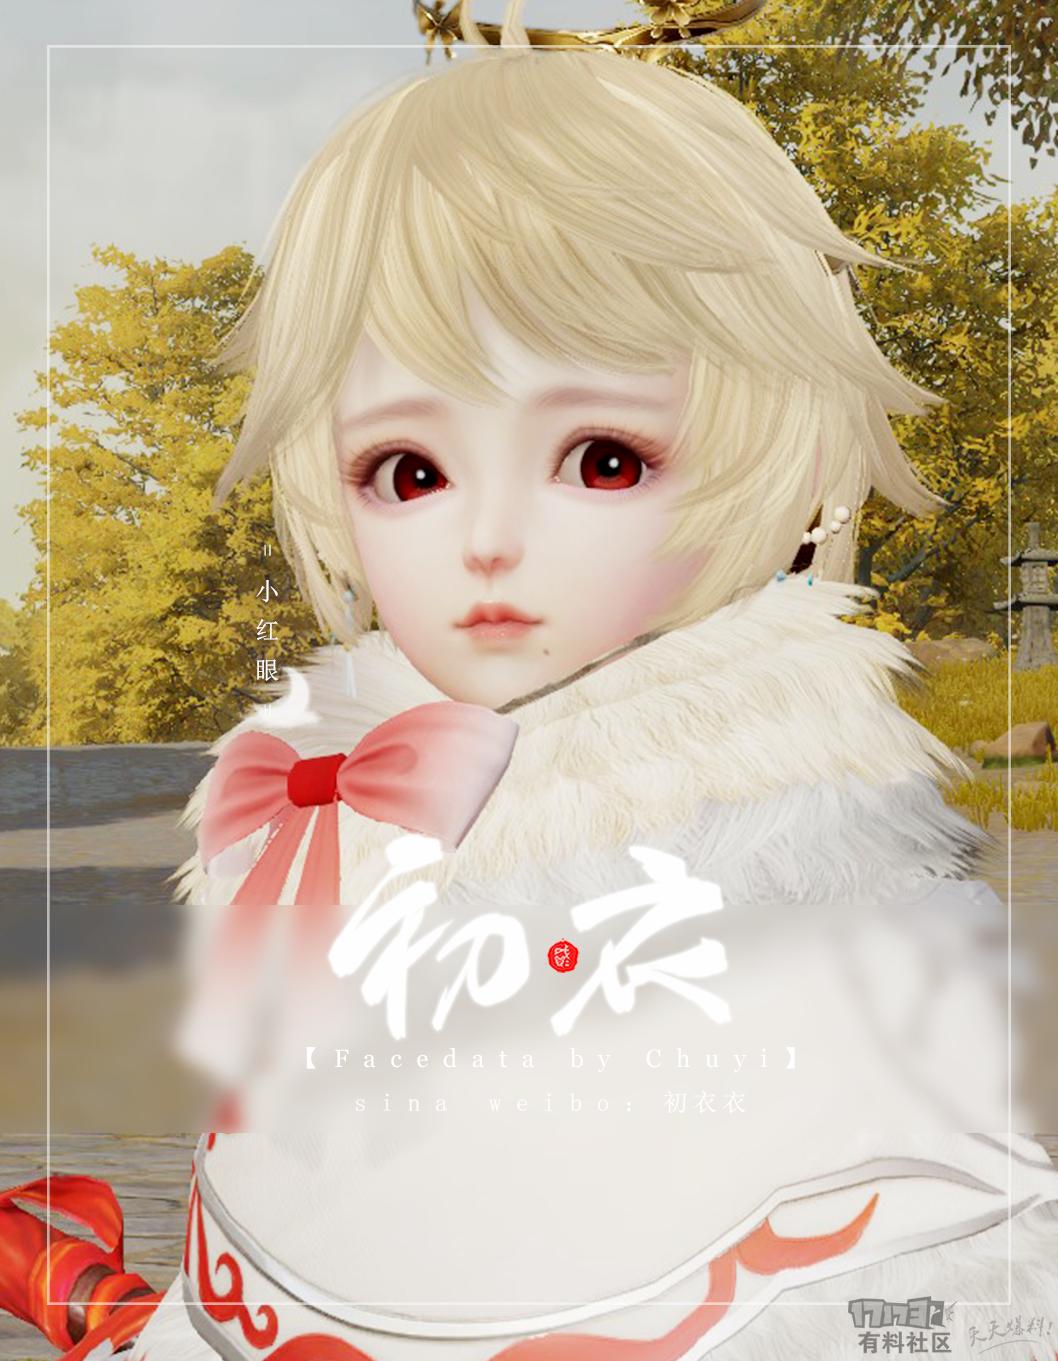 【初衣】重制版小萝莉-小红眼